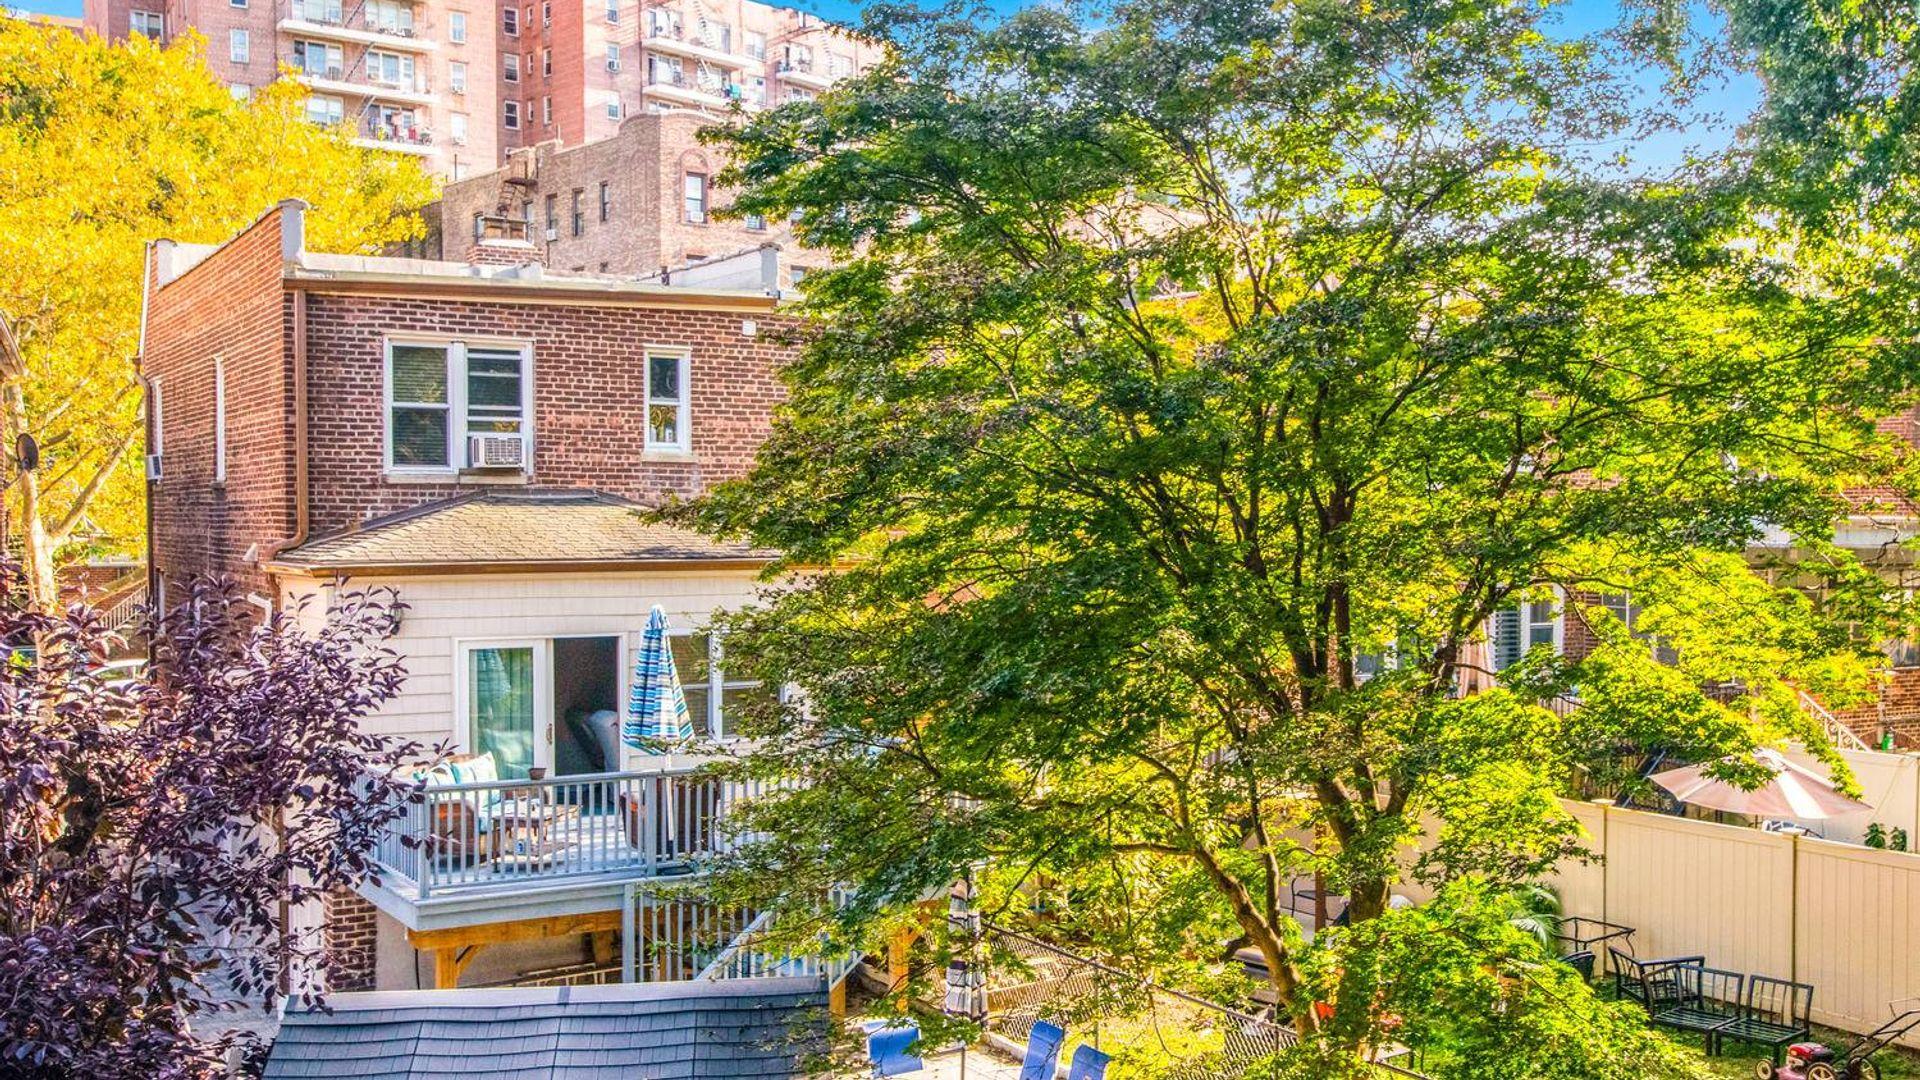 1-bed apartment at Van Cortlandt Ave W, Bronx, NY, USA ...